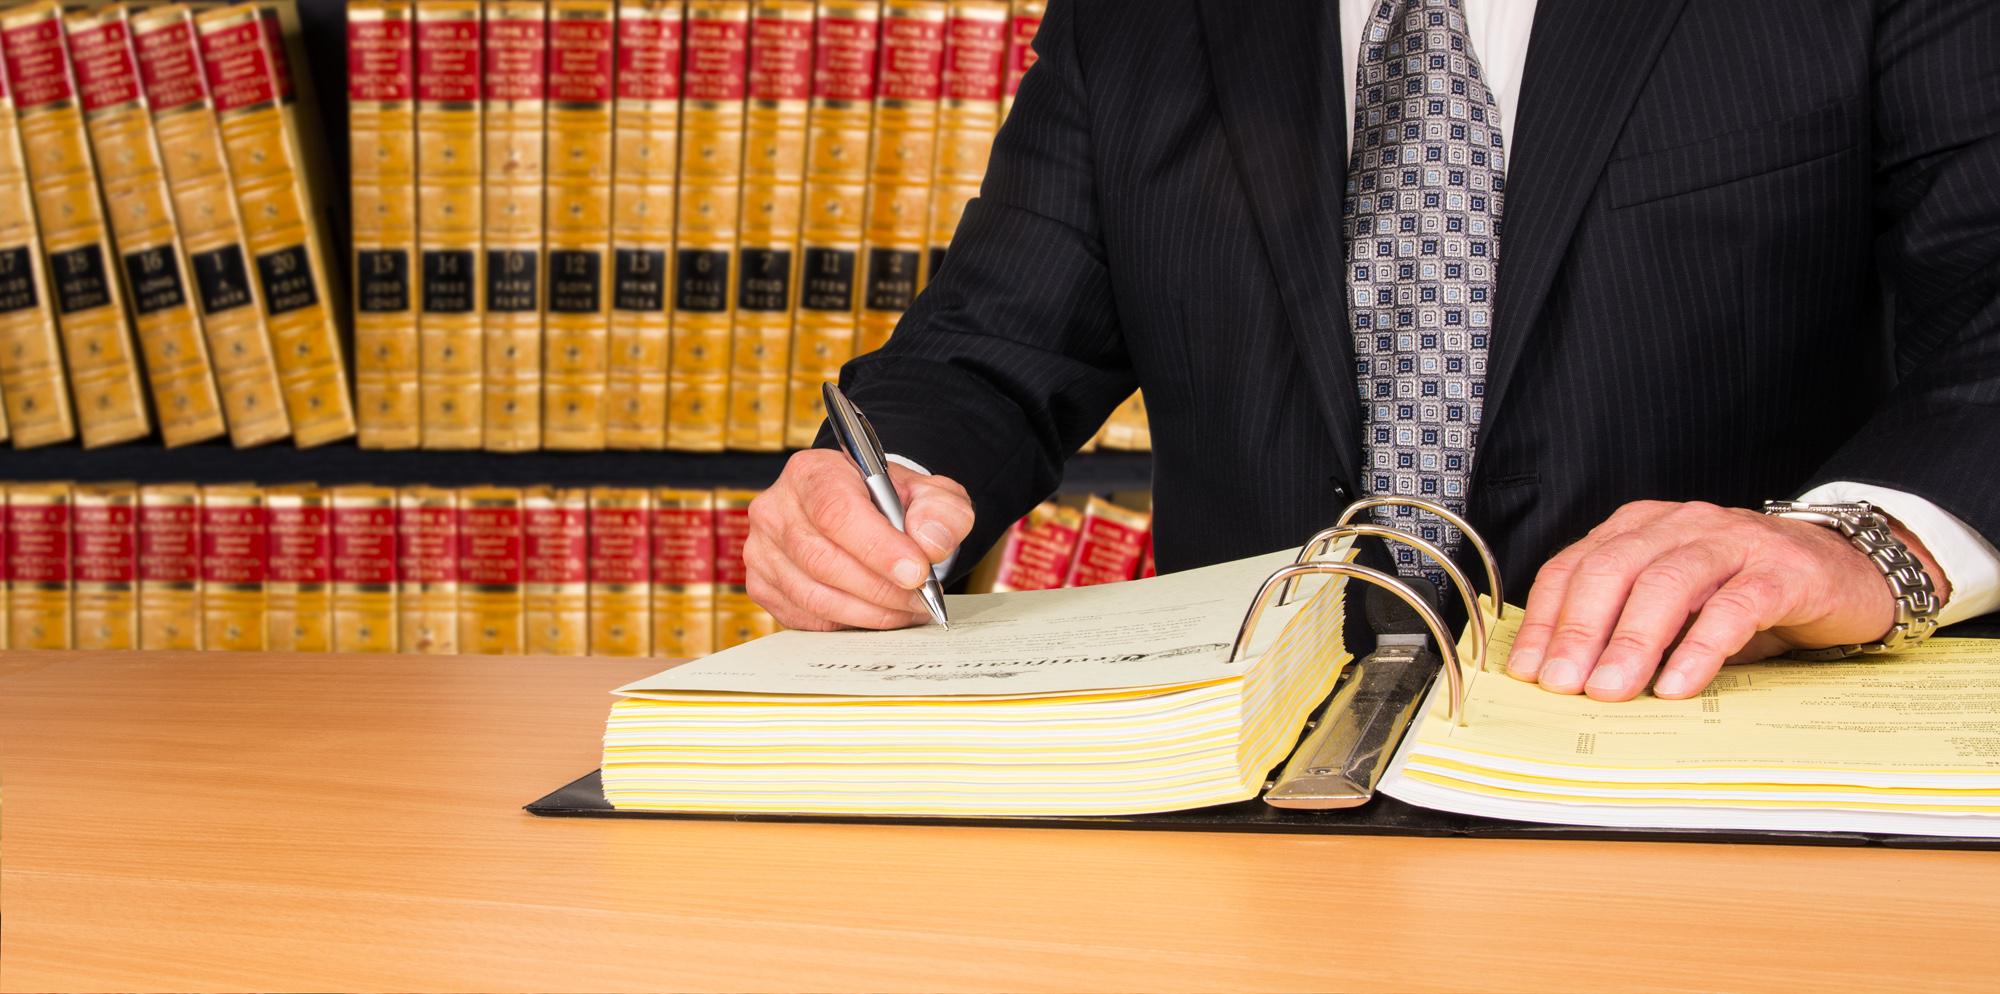 Le numerus clausus pour le notariat remis en question for Numerus clausus 2016